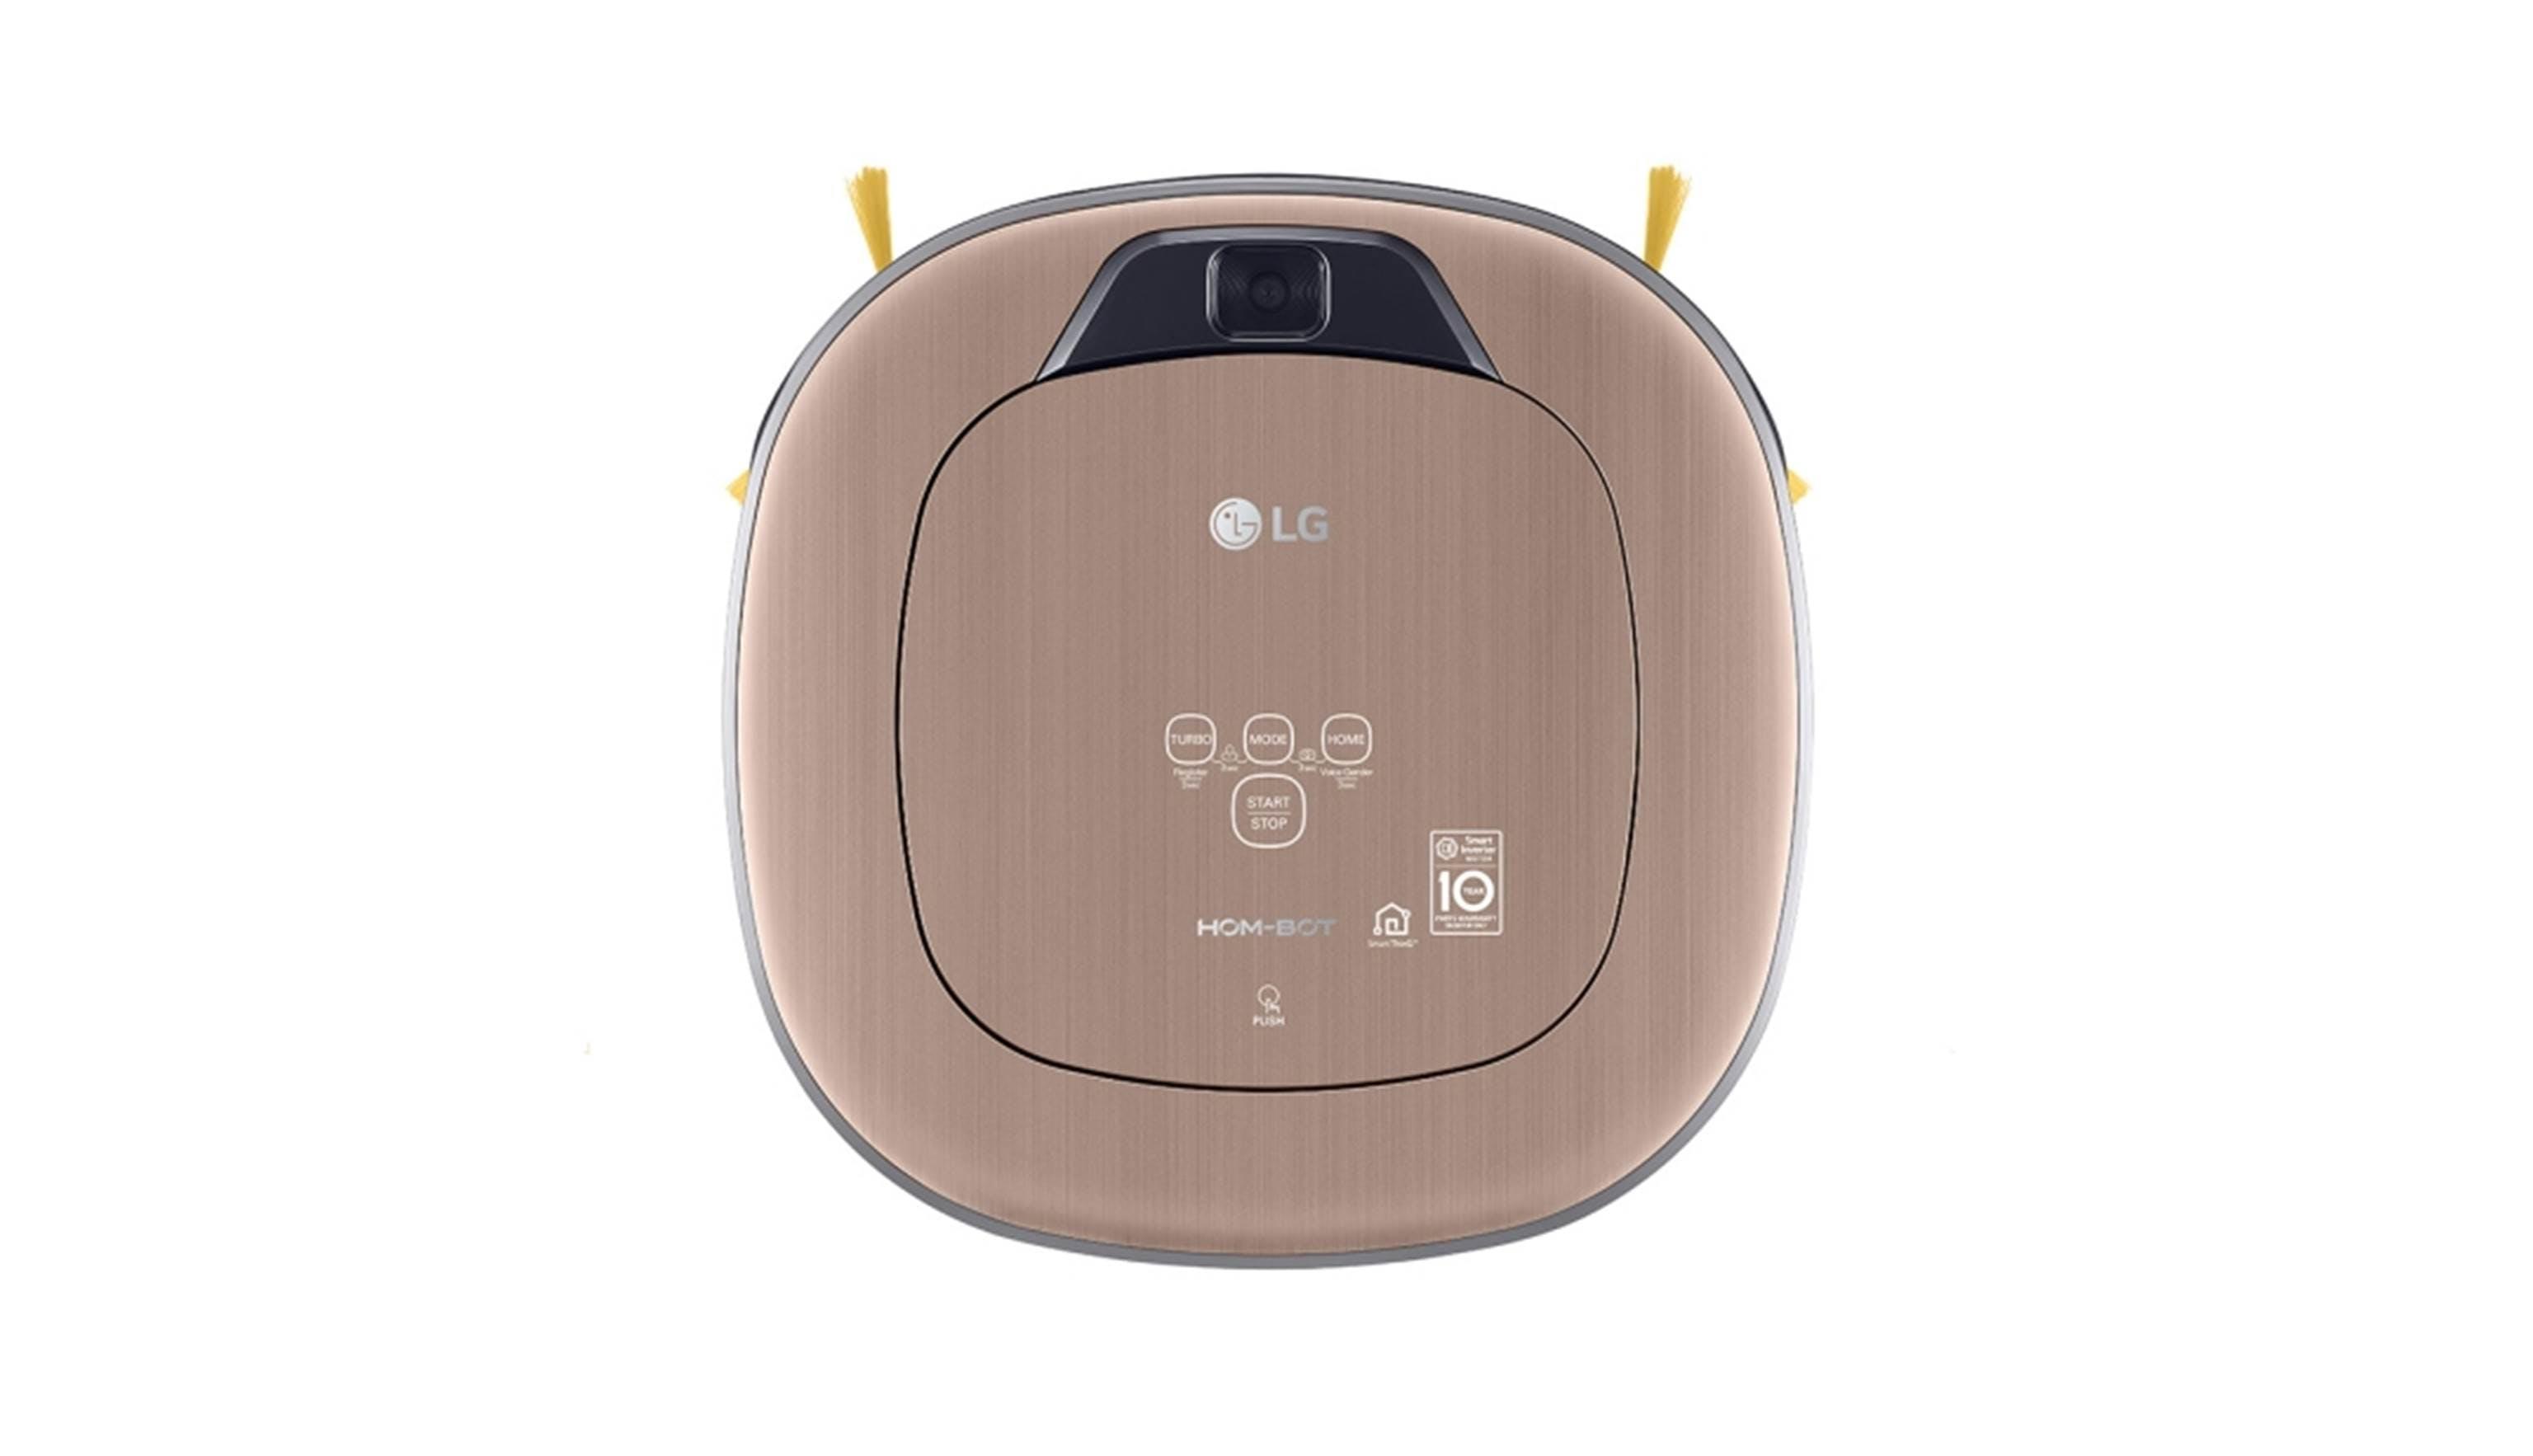 Lg Vr66820vmnc Network Robotic Vacuum Cleaner Harvey